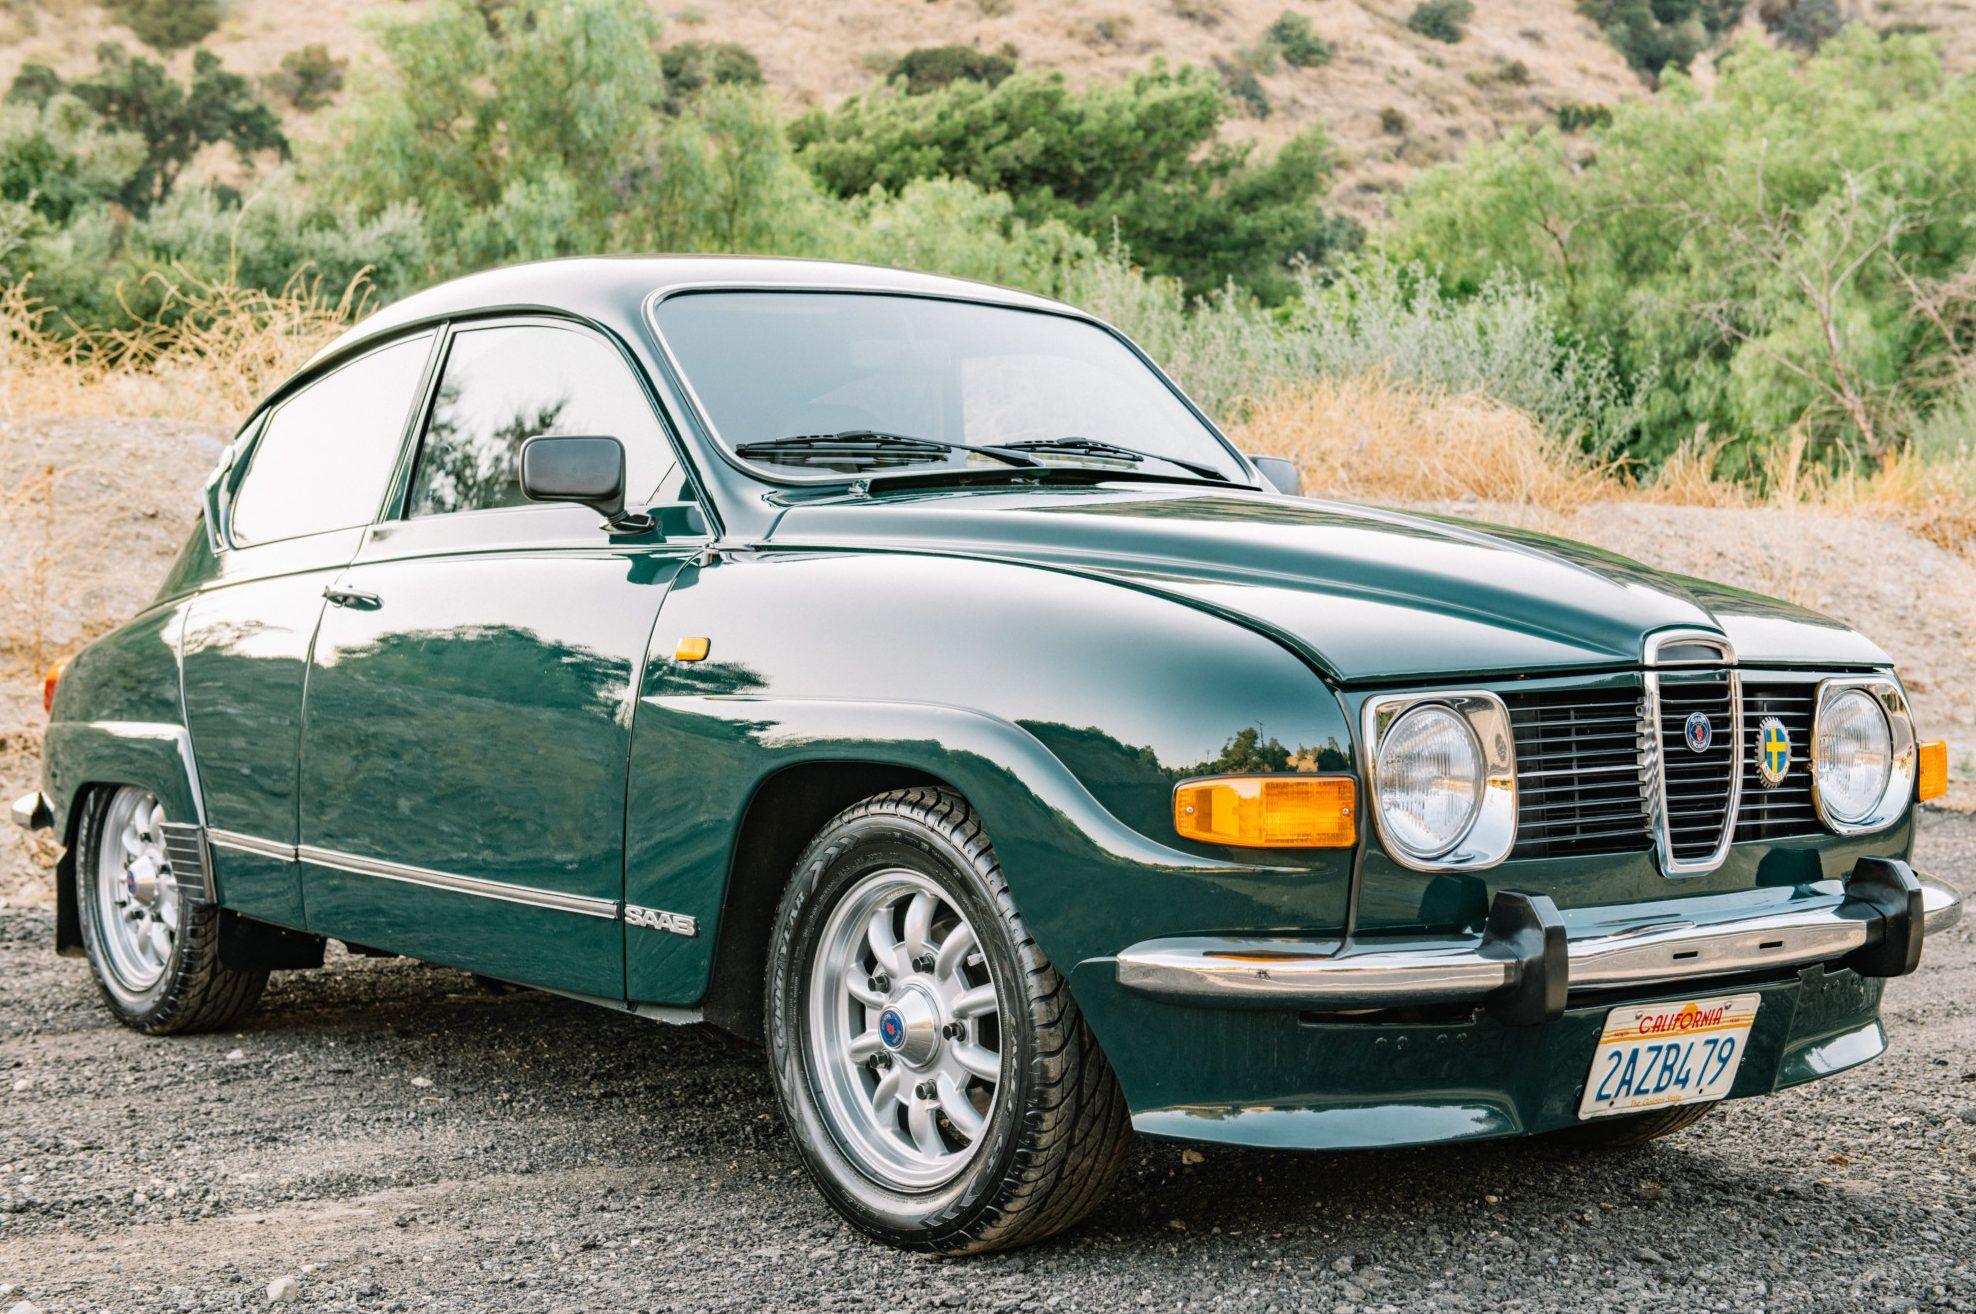 1972 Saab 96 Classic Cars Saab Retro Cars